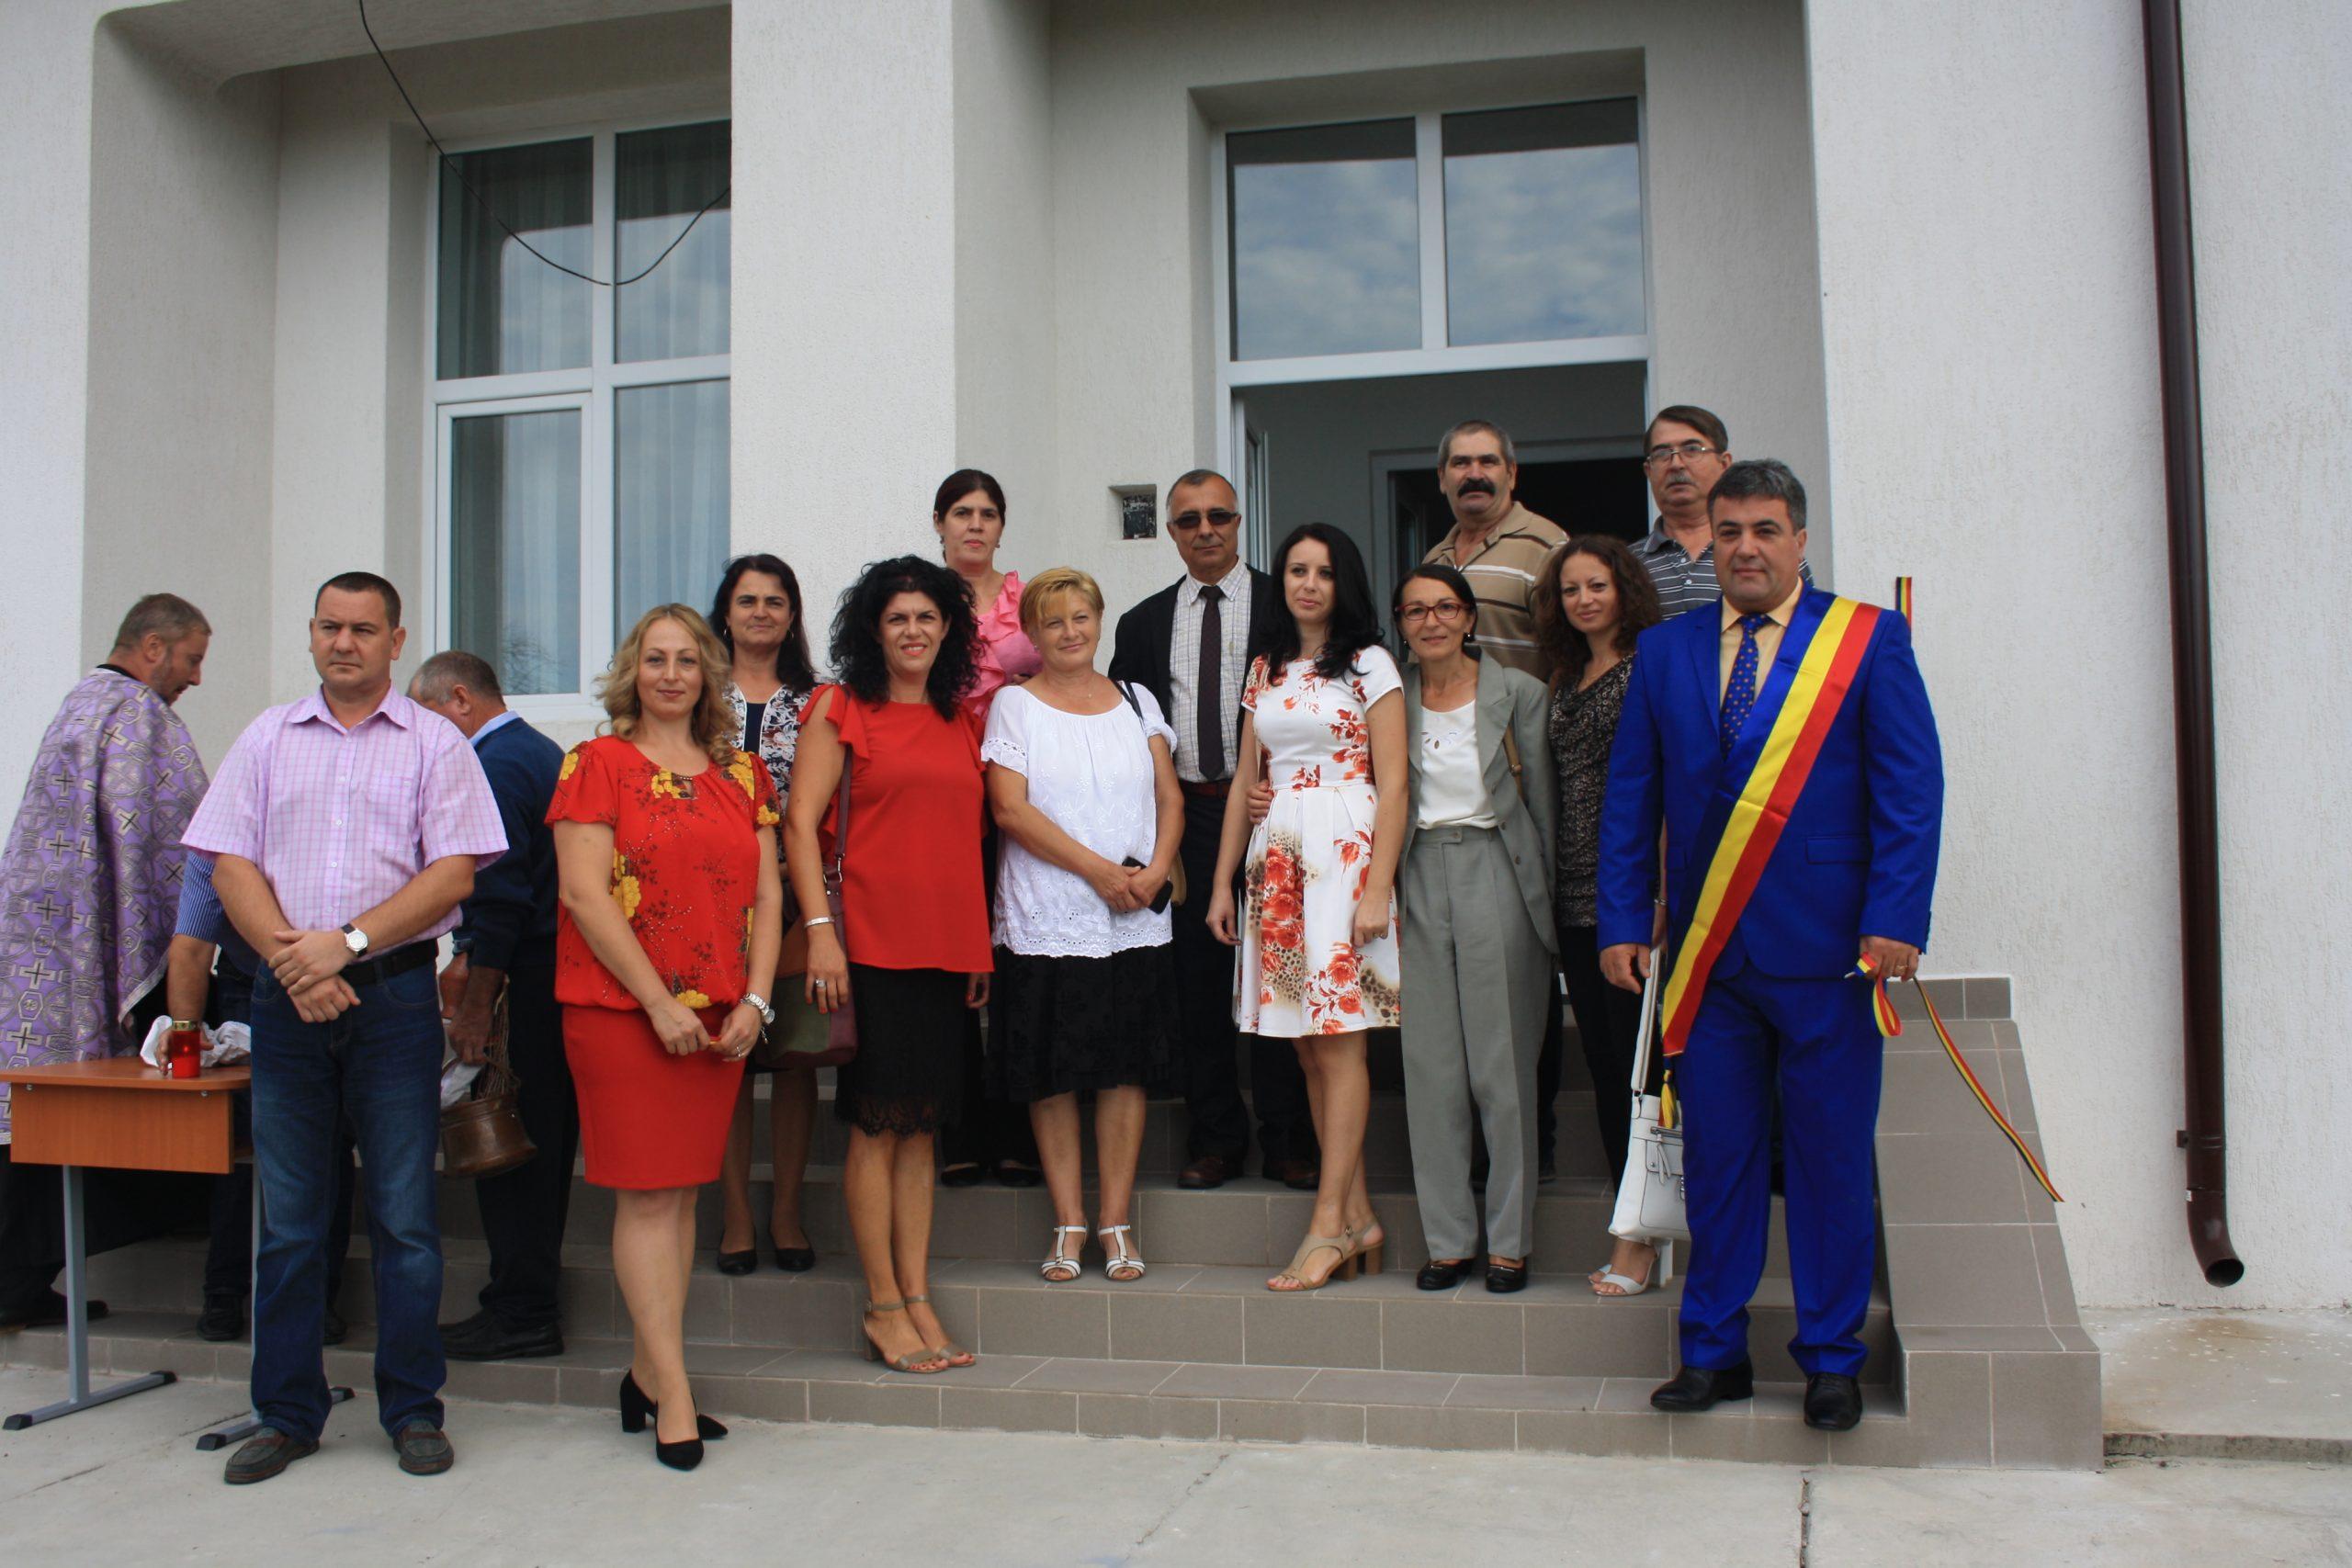 La Lungeşti, elevii Şcolii Generale Fumureni vor învăţa într-o instituţie şcolară modernă